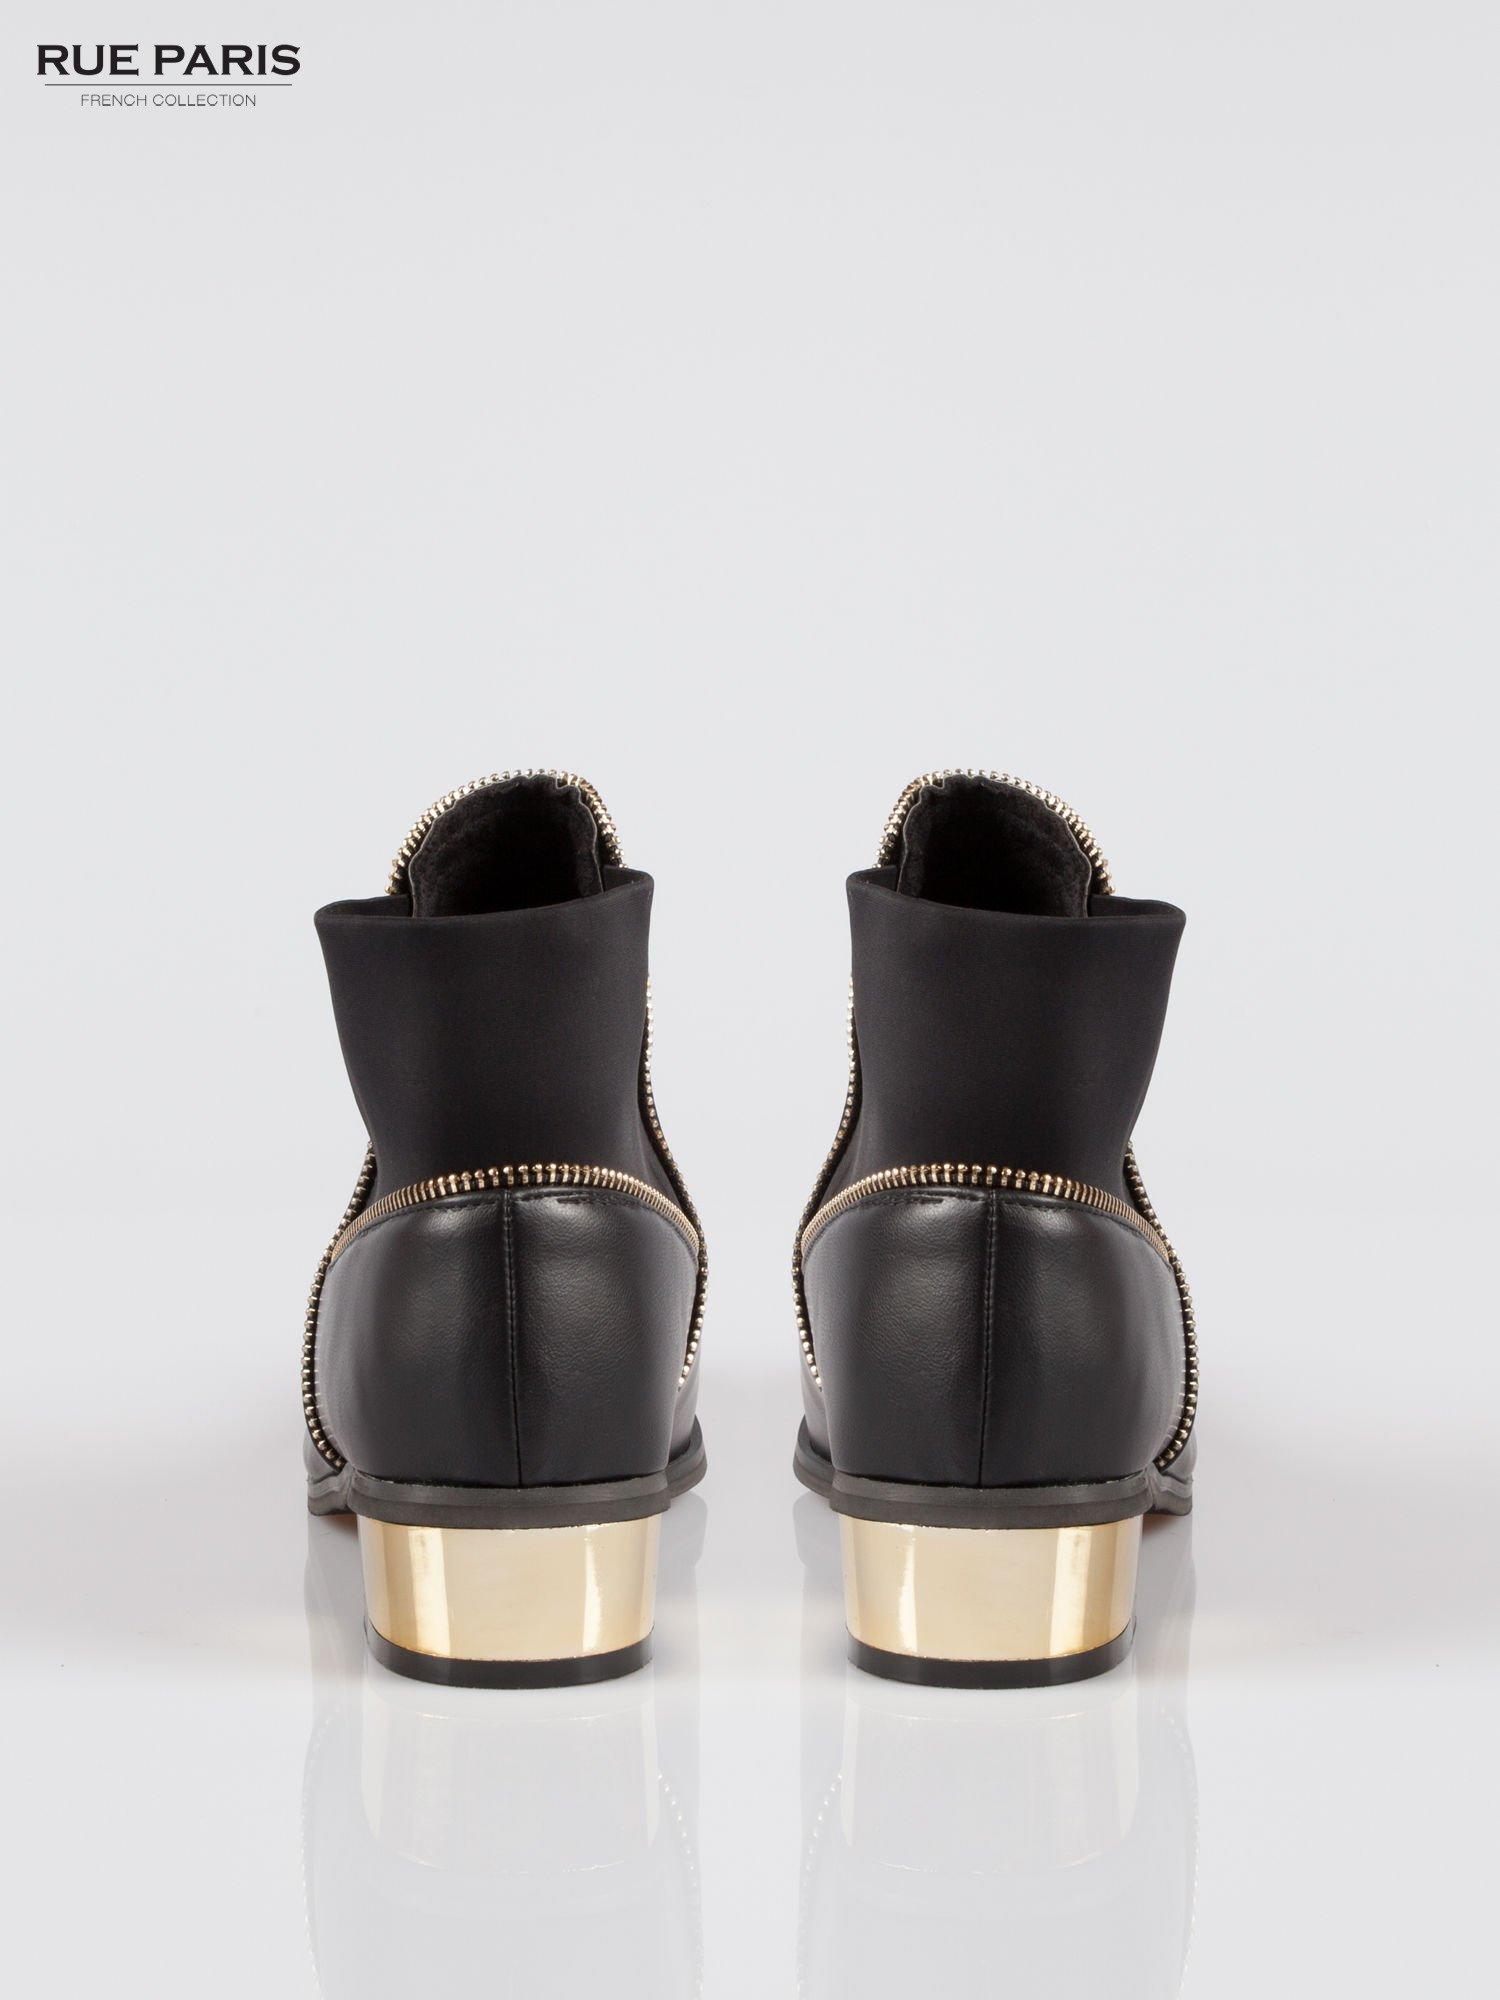 Czarne botki ankle boots z zamkiem i złotym obcasem                                  zdj.                                  3